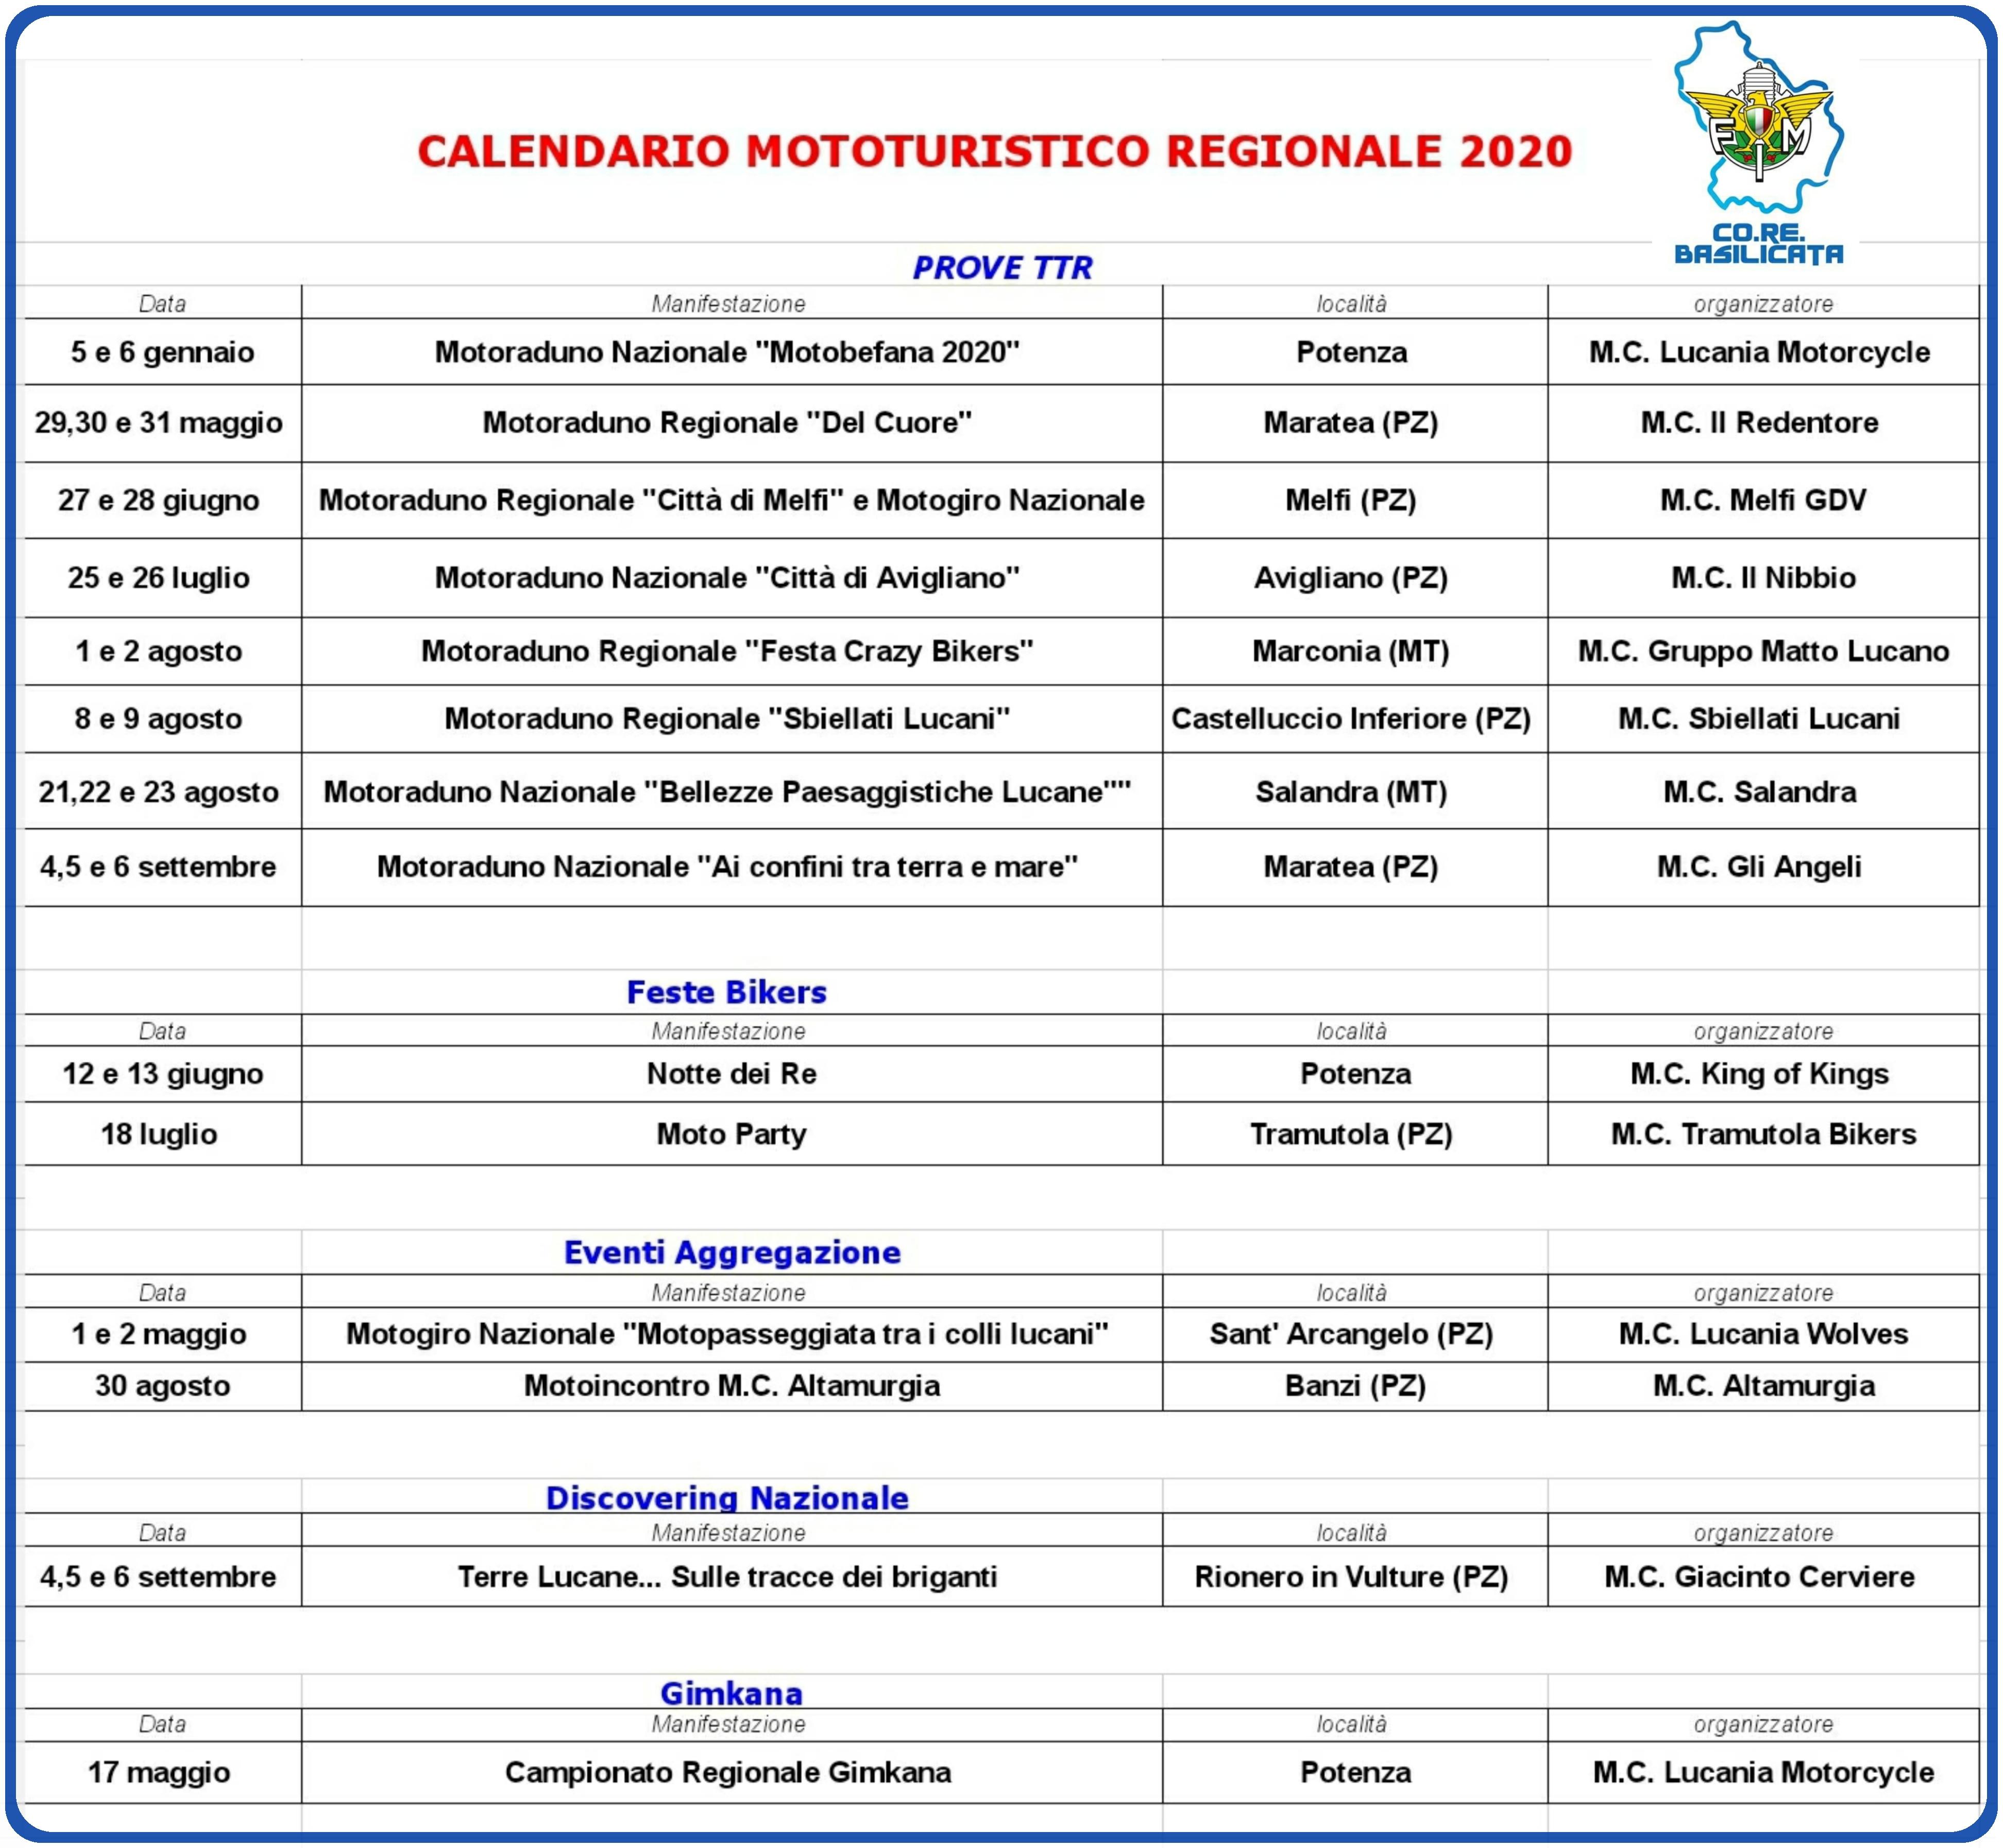 Calendario Motocavalcate 2020   Fmi Comitato Regionale Basilicata